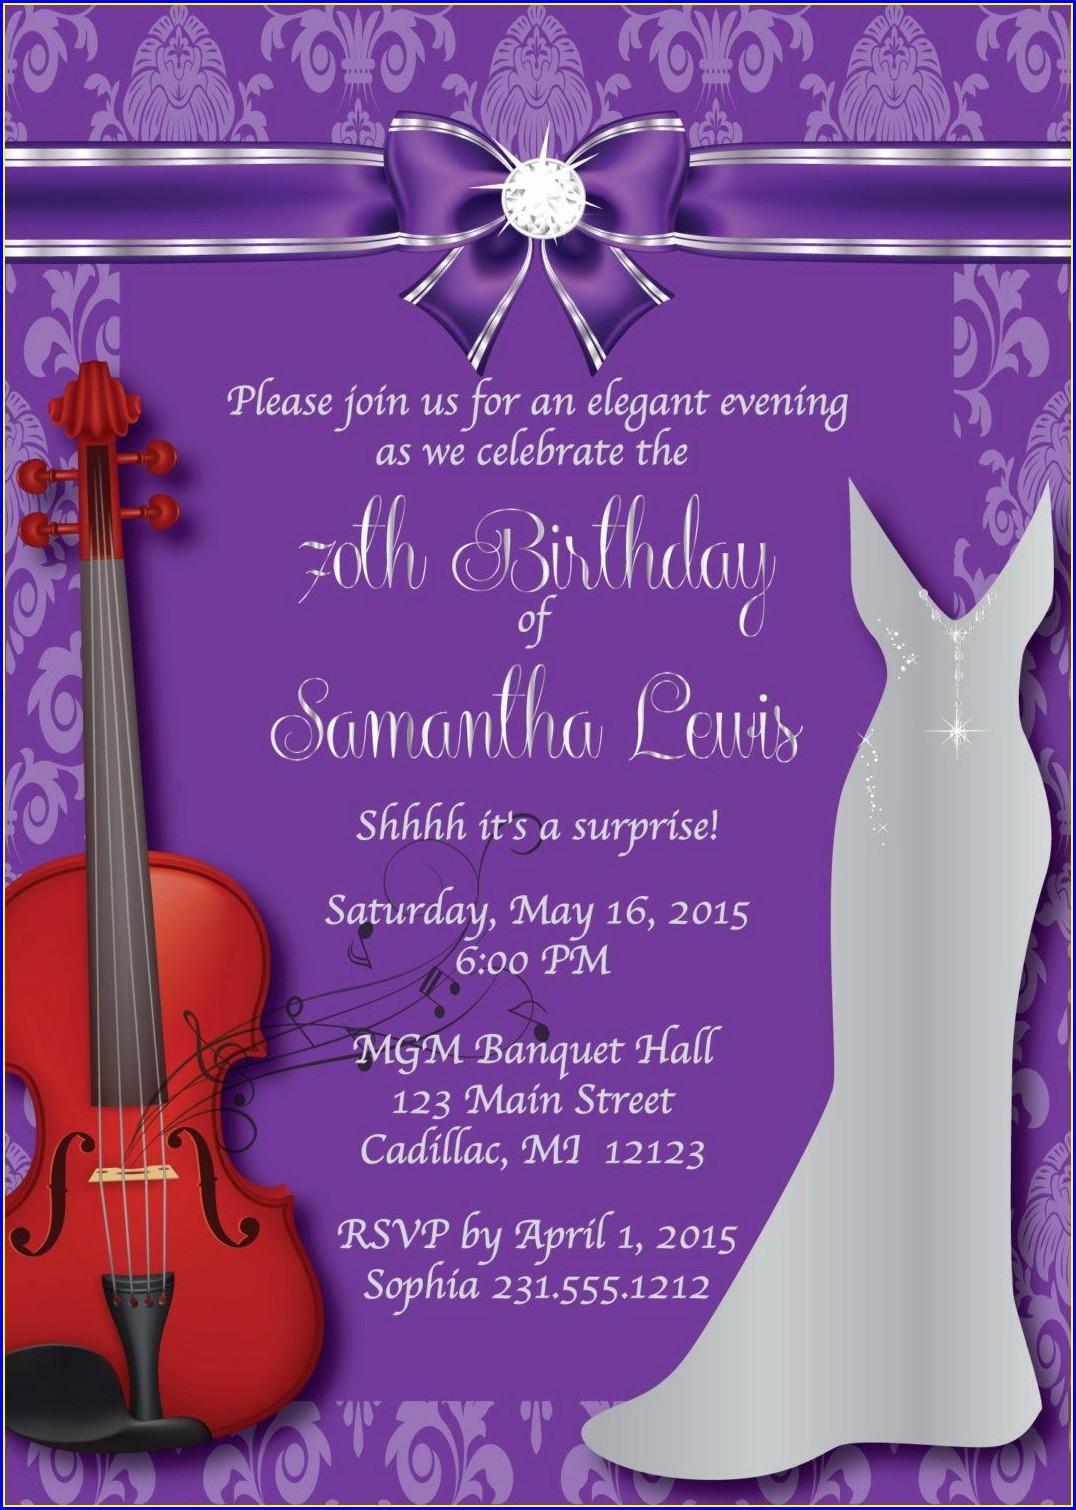 Elegant Birthday Invitation Wording